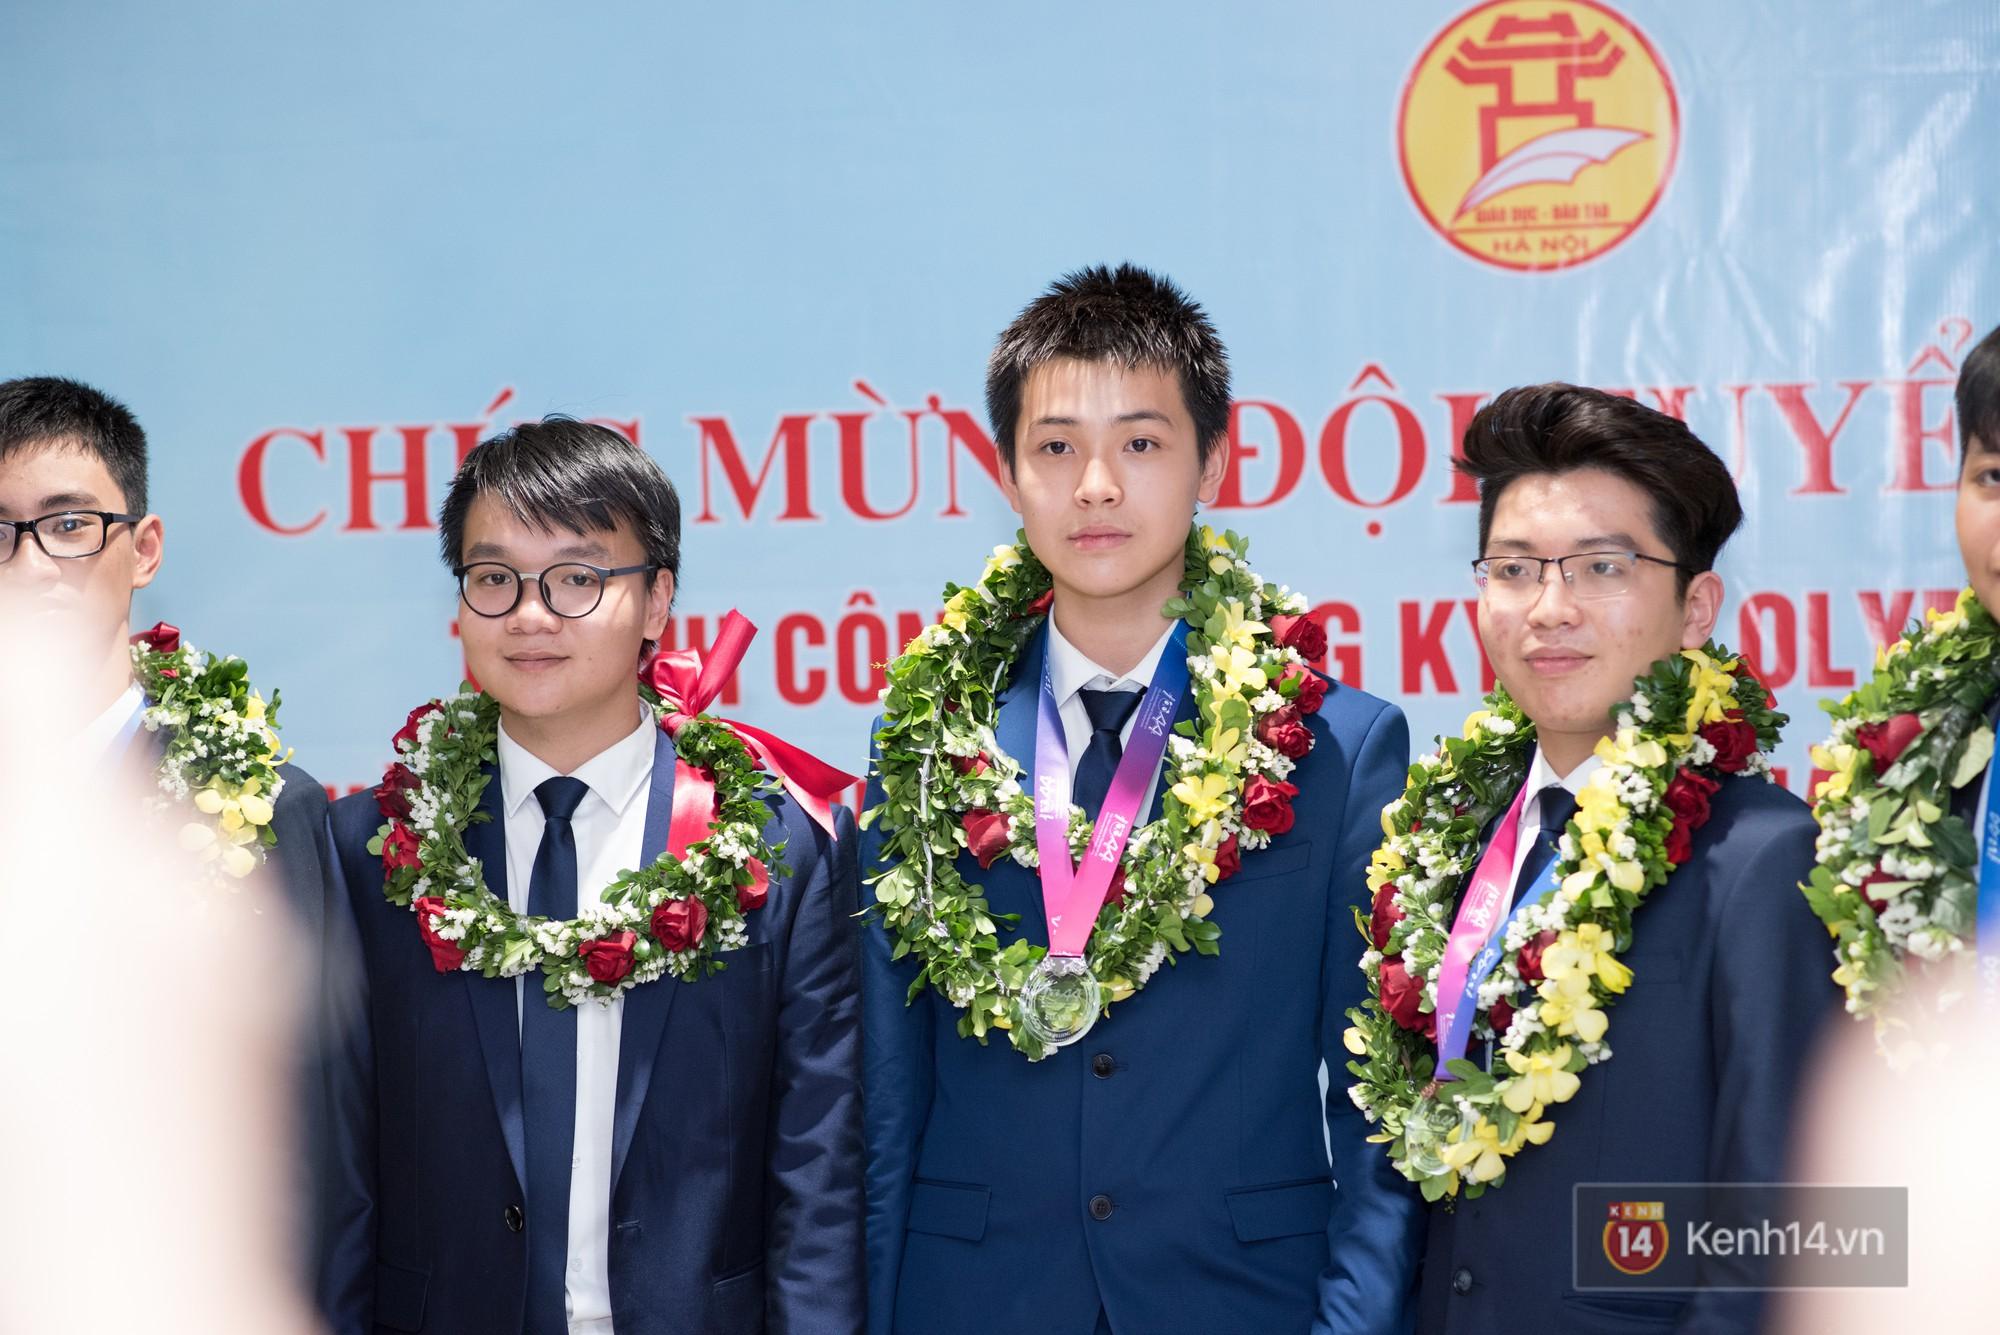 Nam sinh 2002 đẹp trai như nam thần, giành HCB Olympic Thiên văn học Quốc tế: Mê chơi LOL, đang tập gym để có 6 múi - Ảnh 5.